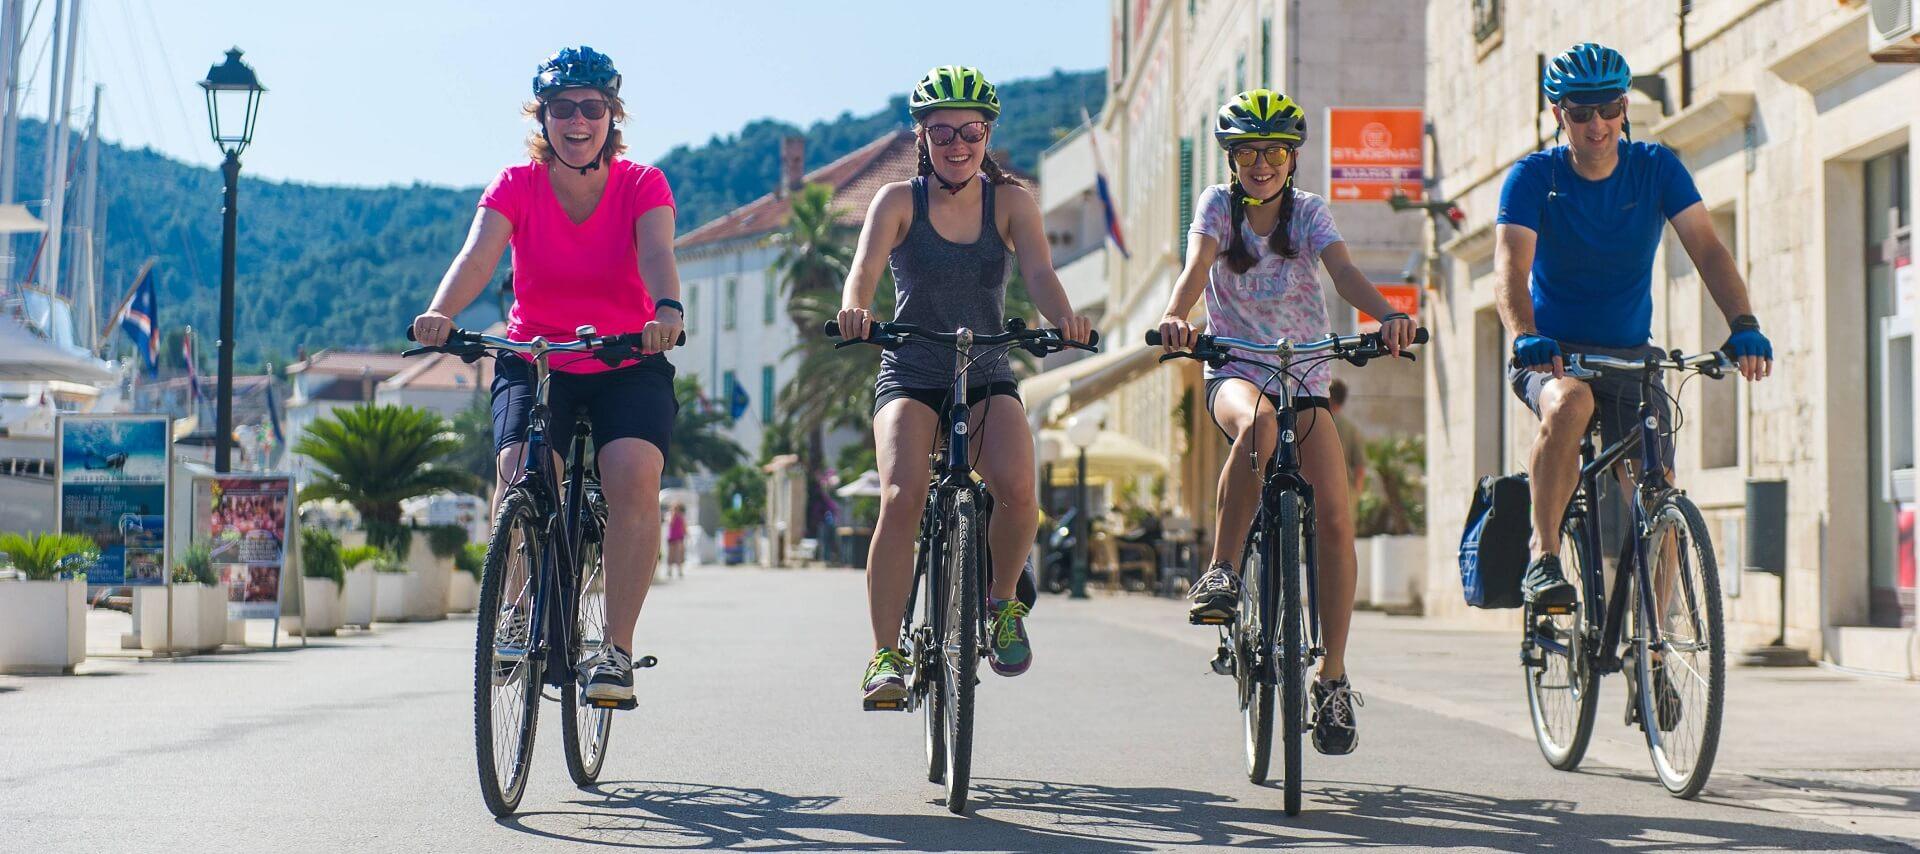 Sværhedsgrad Cykling